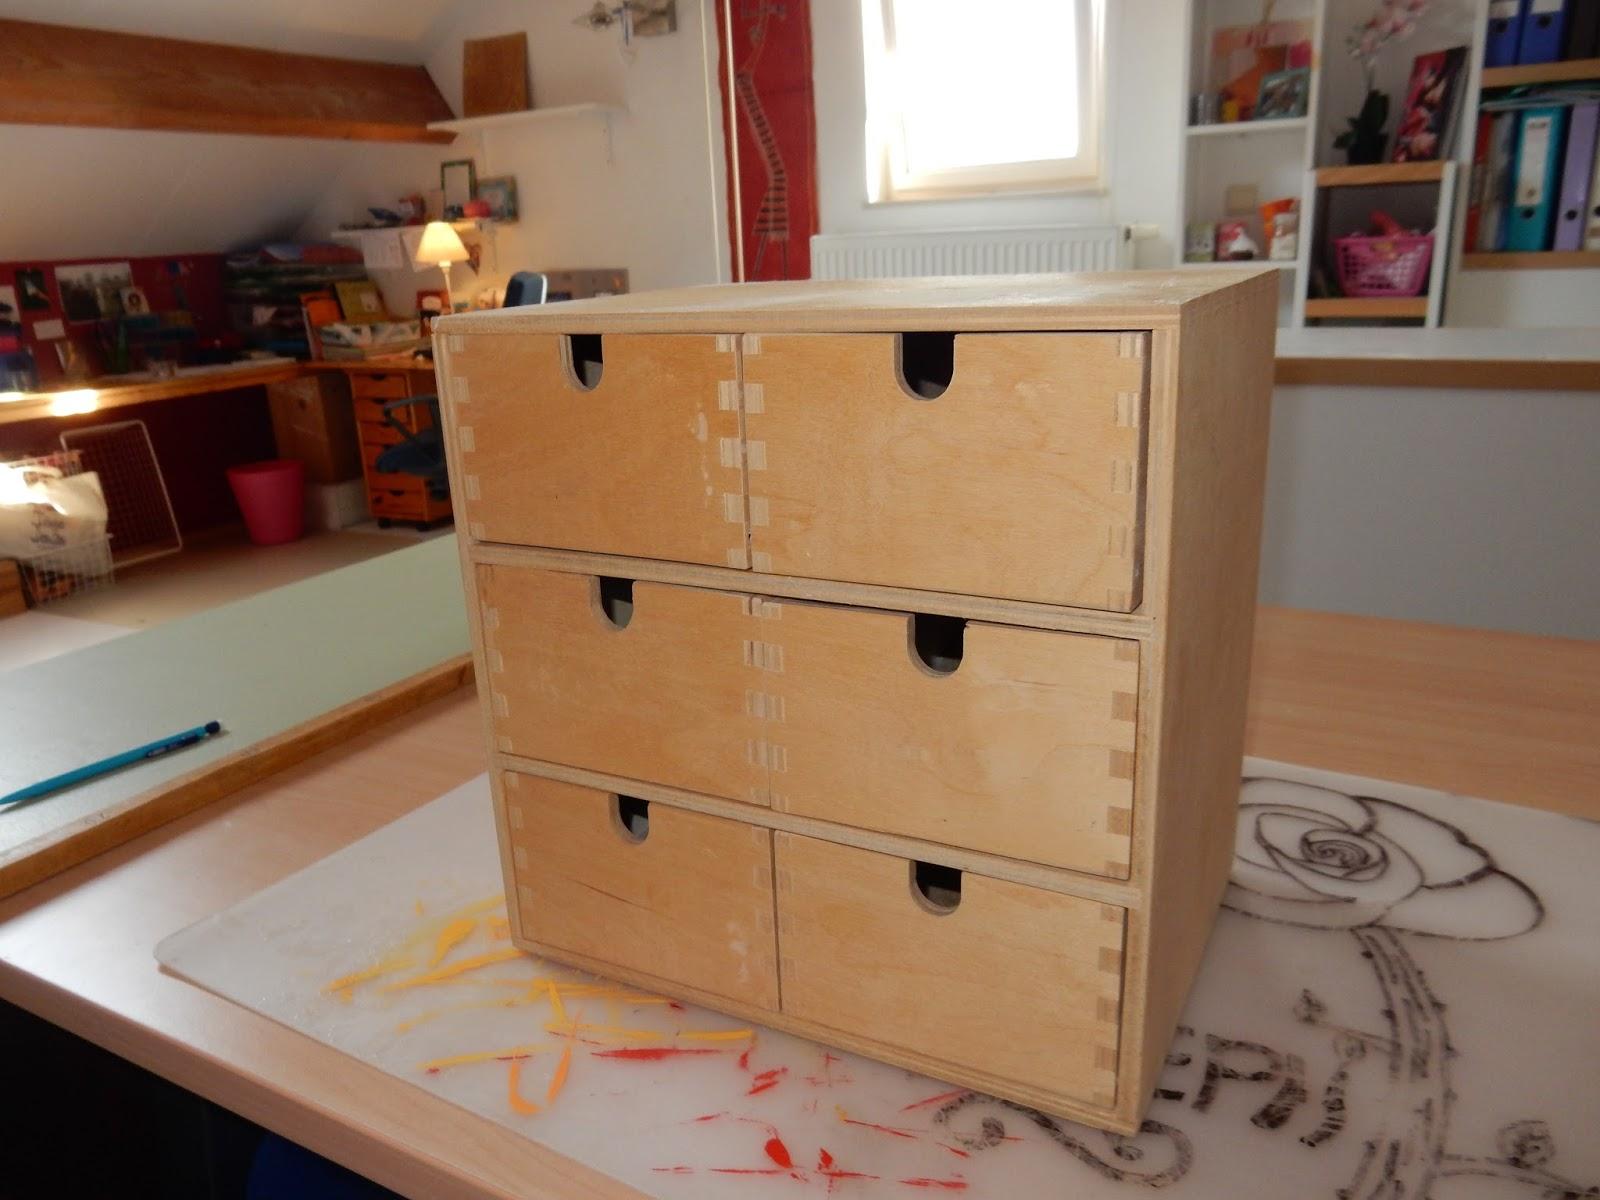 les petites valises petite valise d co la petite commode d cor e avec d copatch. Black Bedroom Furniture Sets. Home Design Ideas